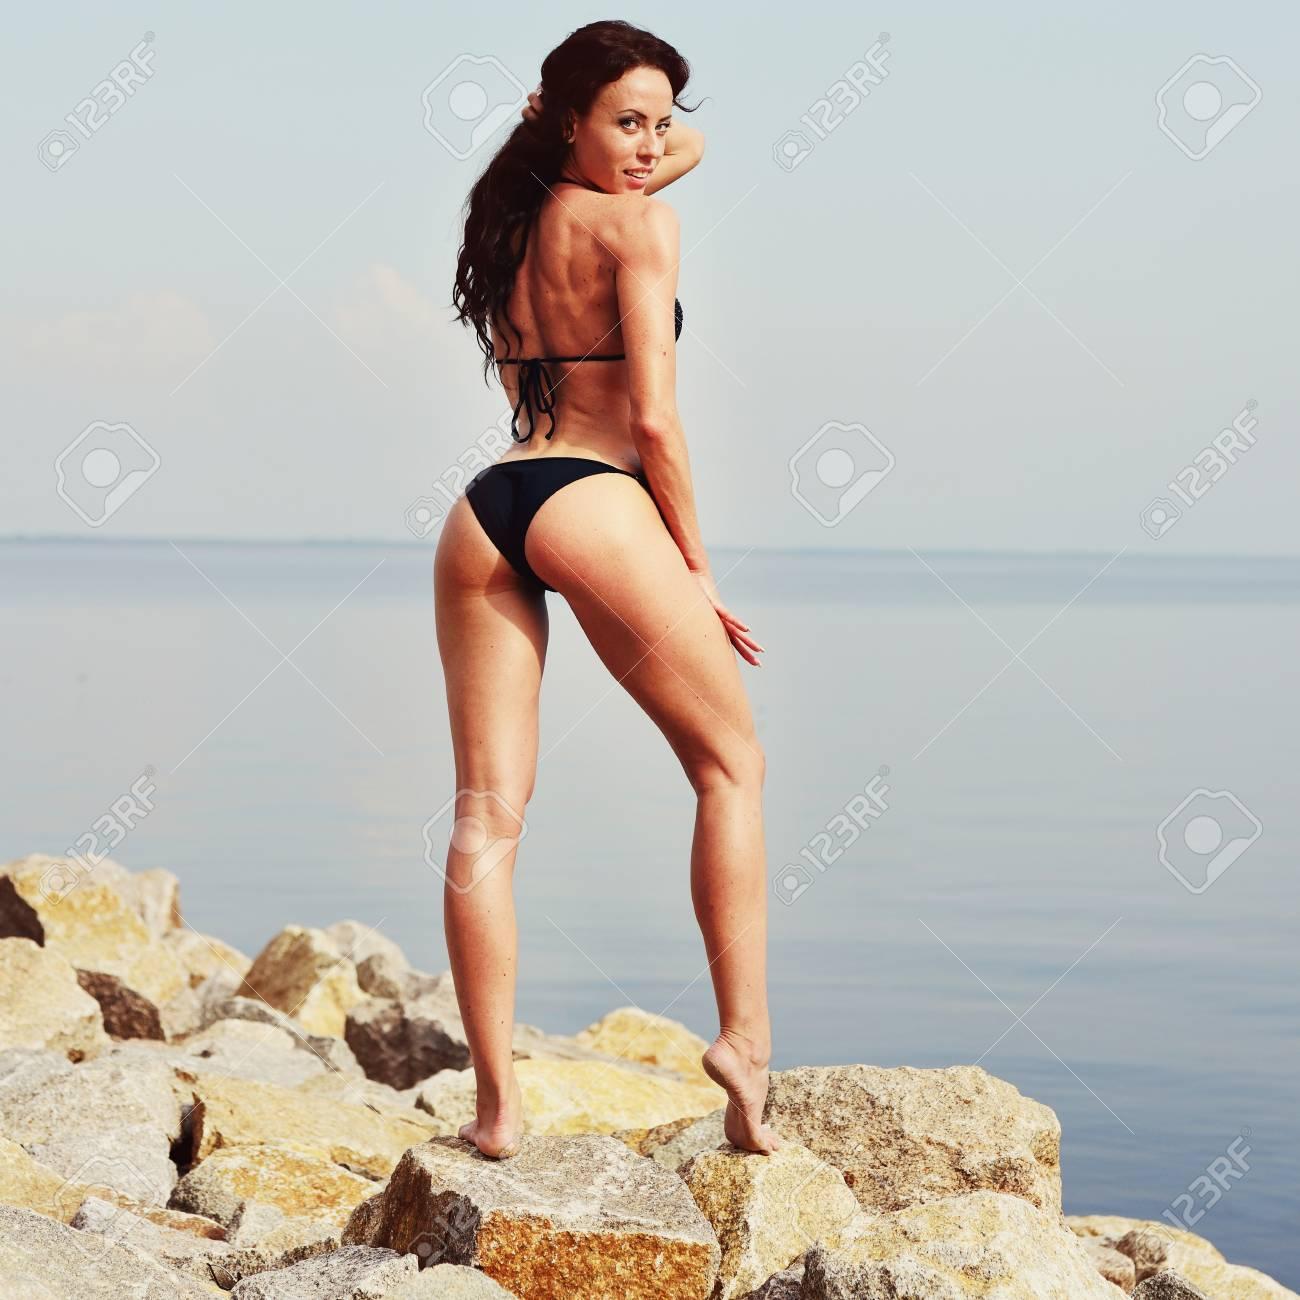 Hot Ass Woman